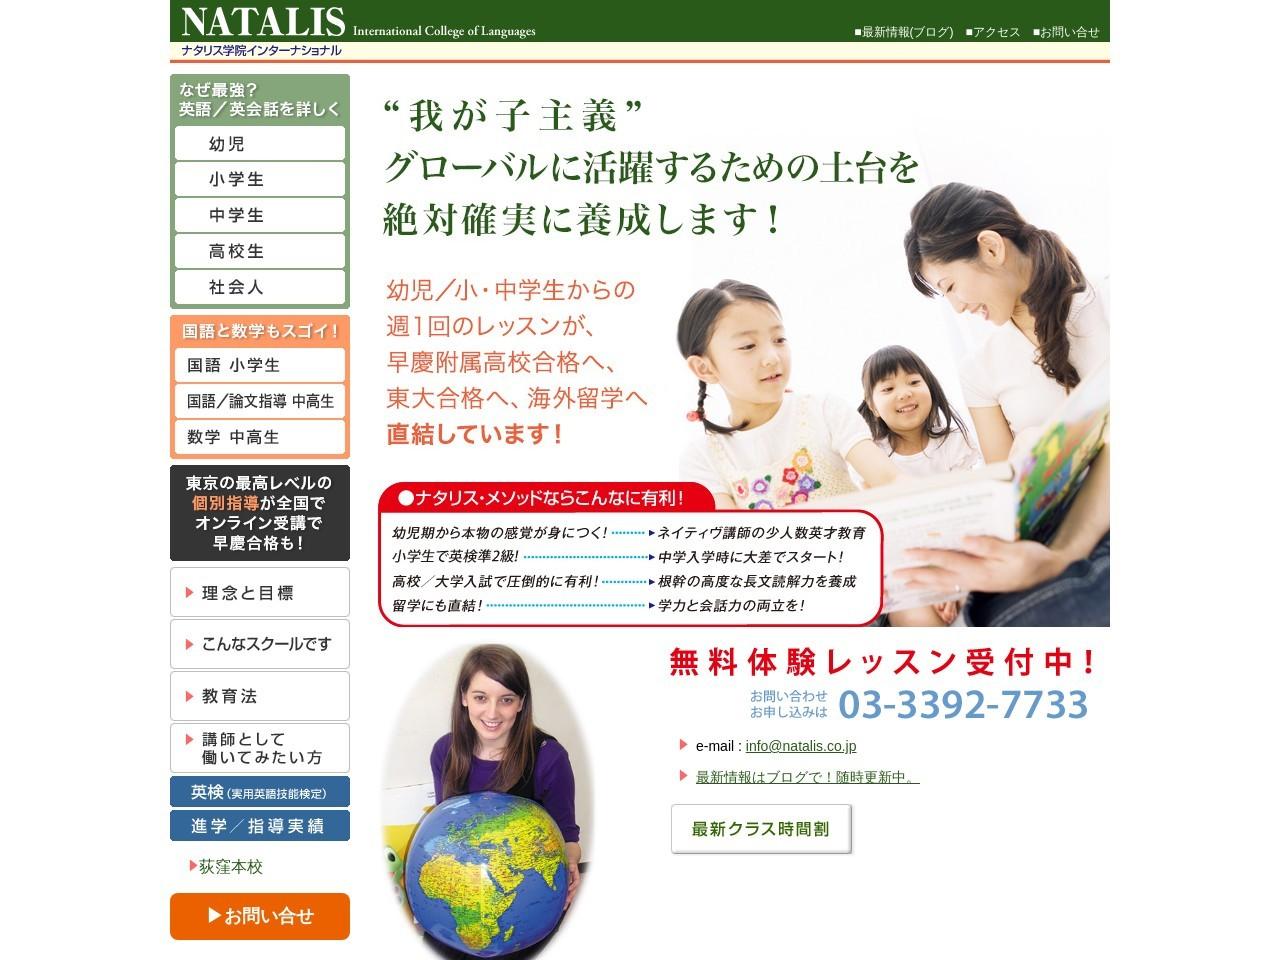 ナタリス学院インターナショナル